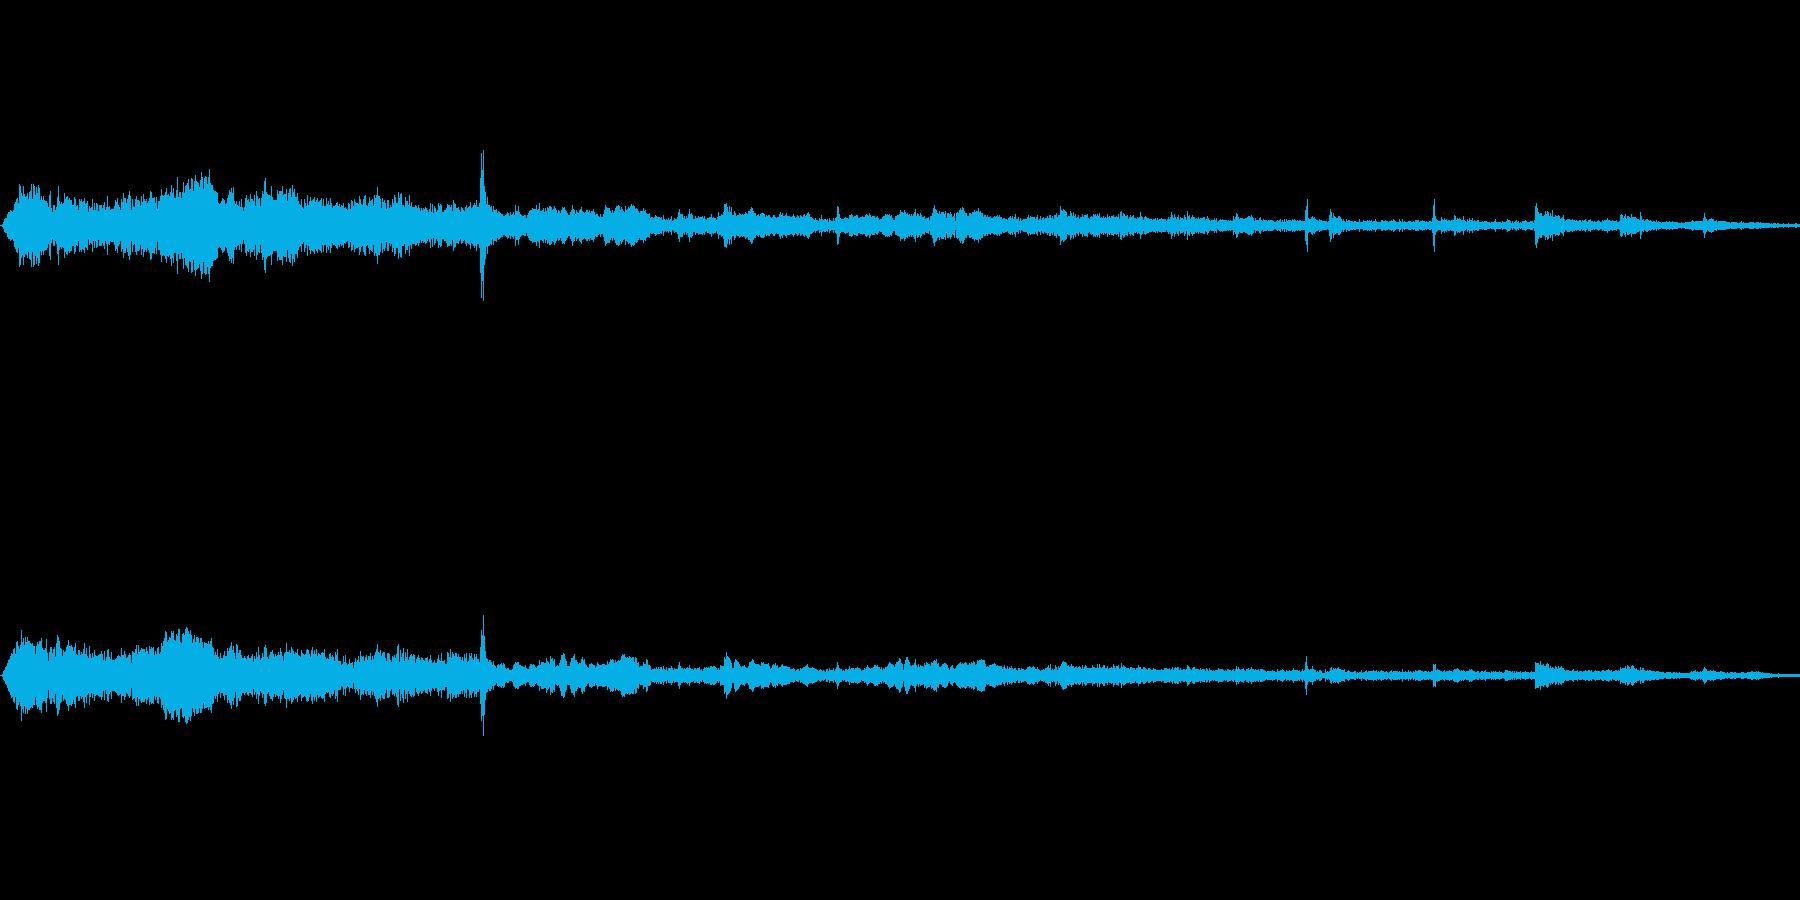 登山電車 駅に到着 ブレーキ操作音の再生済みの波形